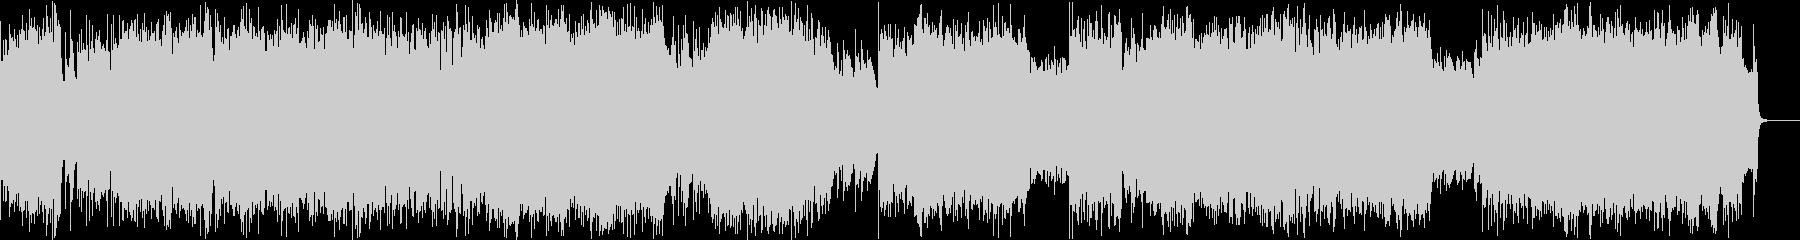 metalの未再生の波形